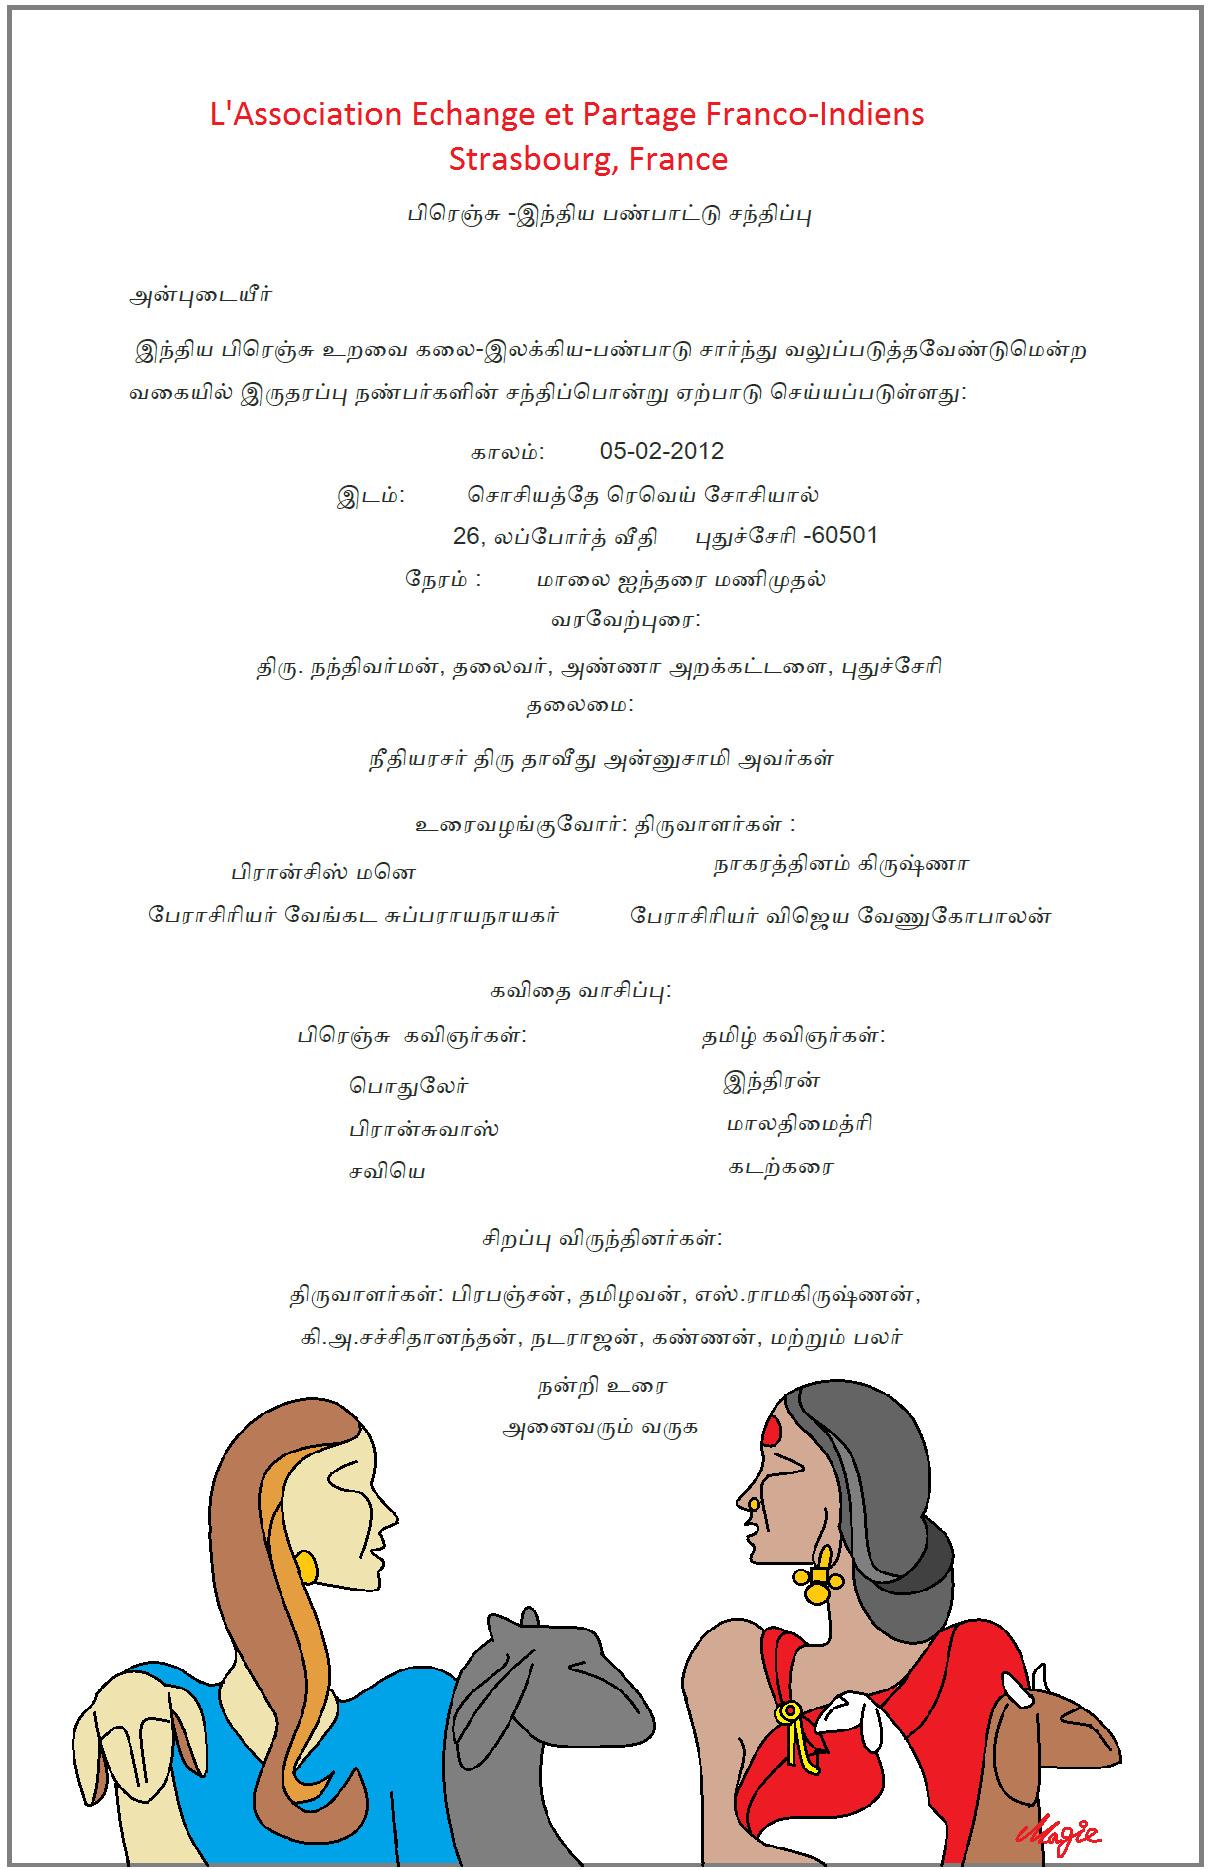 இந்திய பிரெஞ்சு பண்பாட்டு உறவுளை மேம்படுத்தும் வகையில் சந்திப்பு